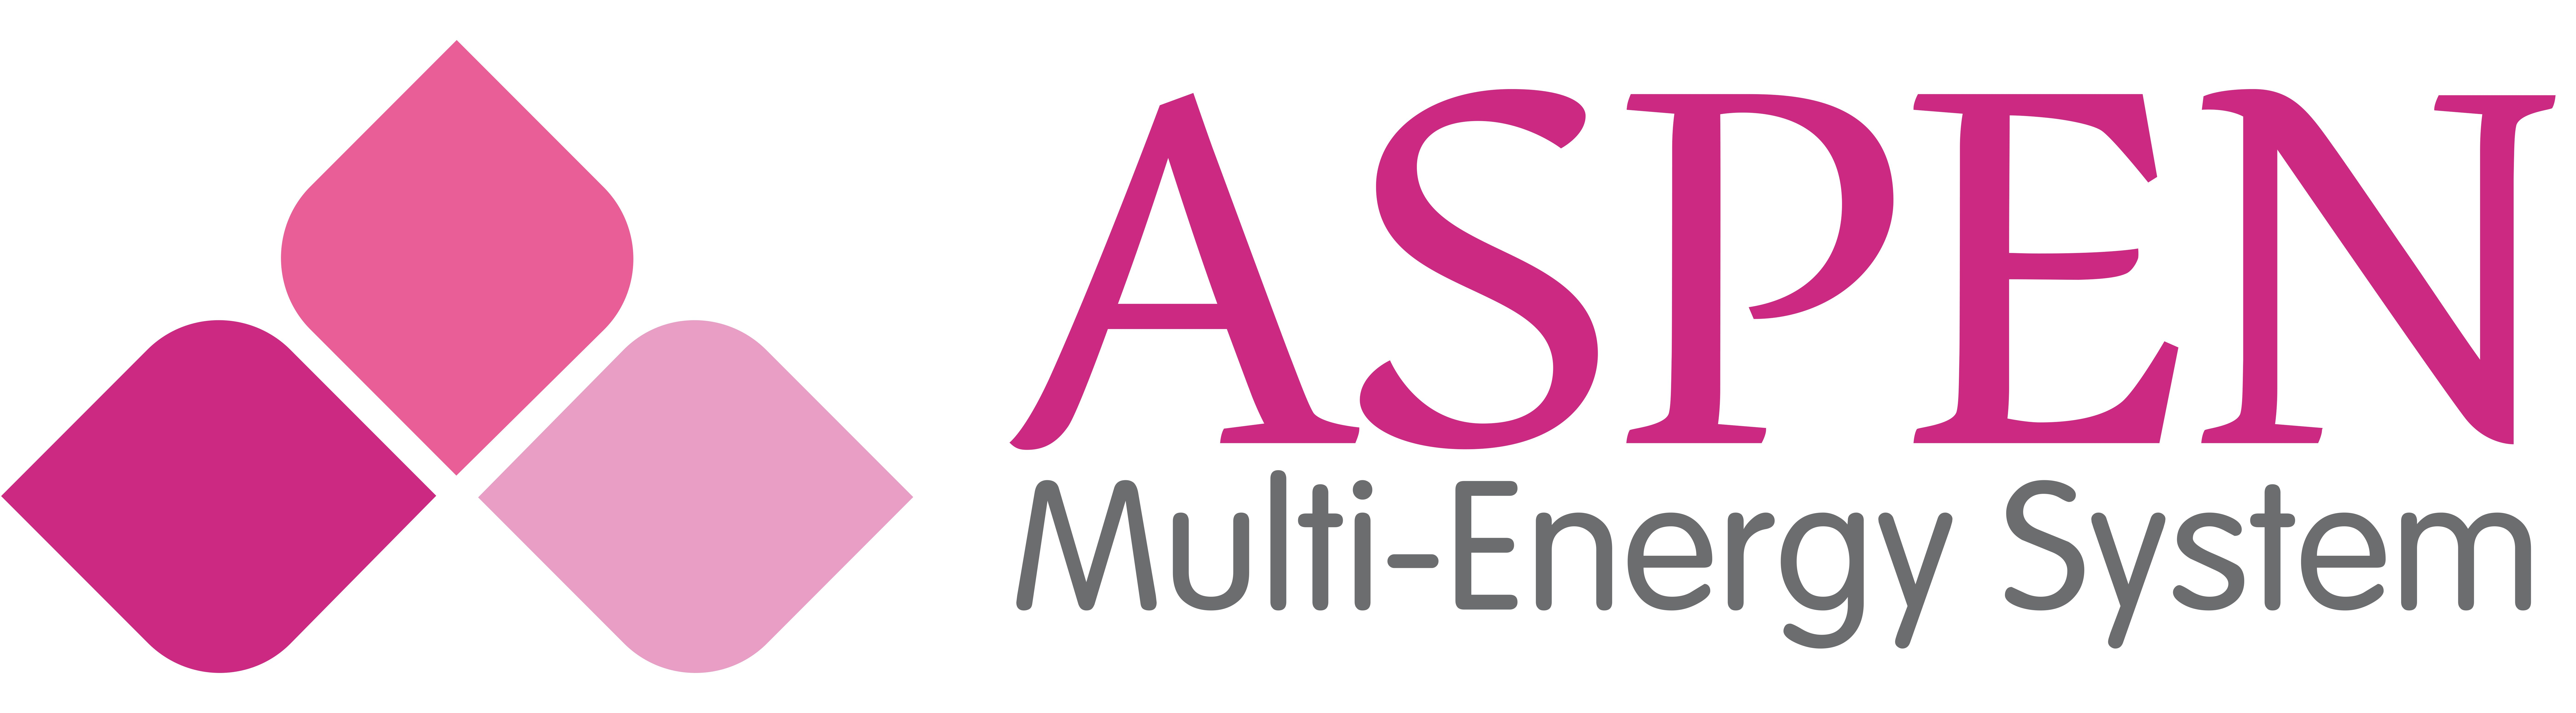 Aspen Multi-Energy System